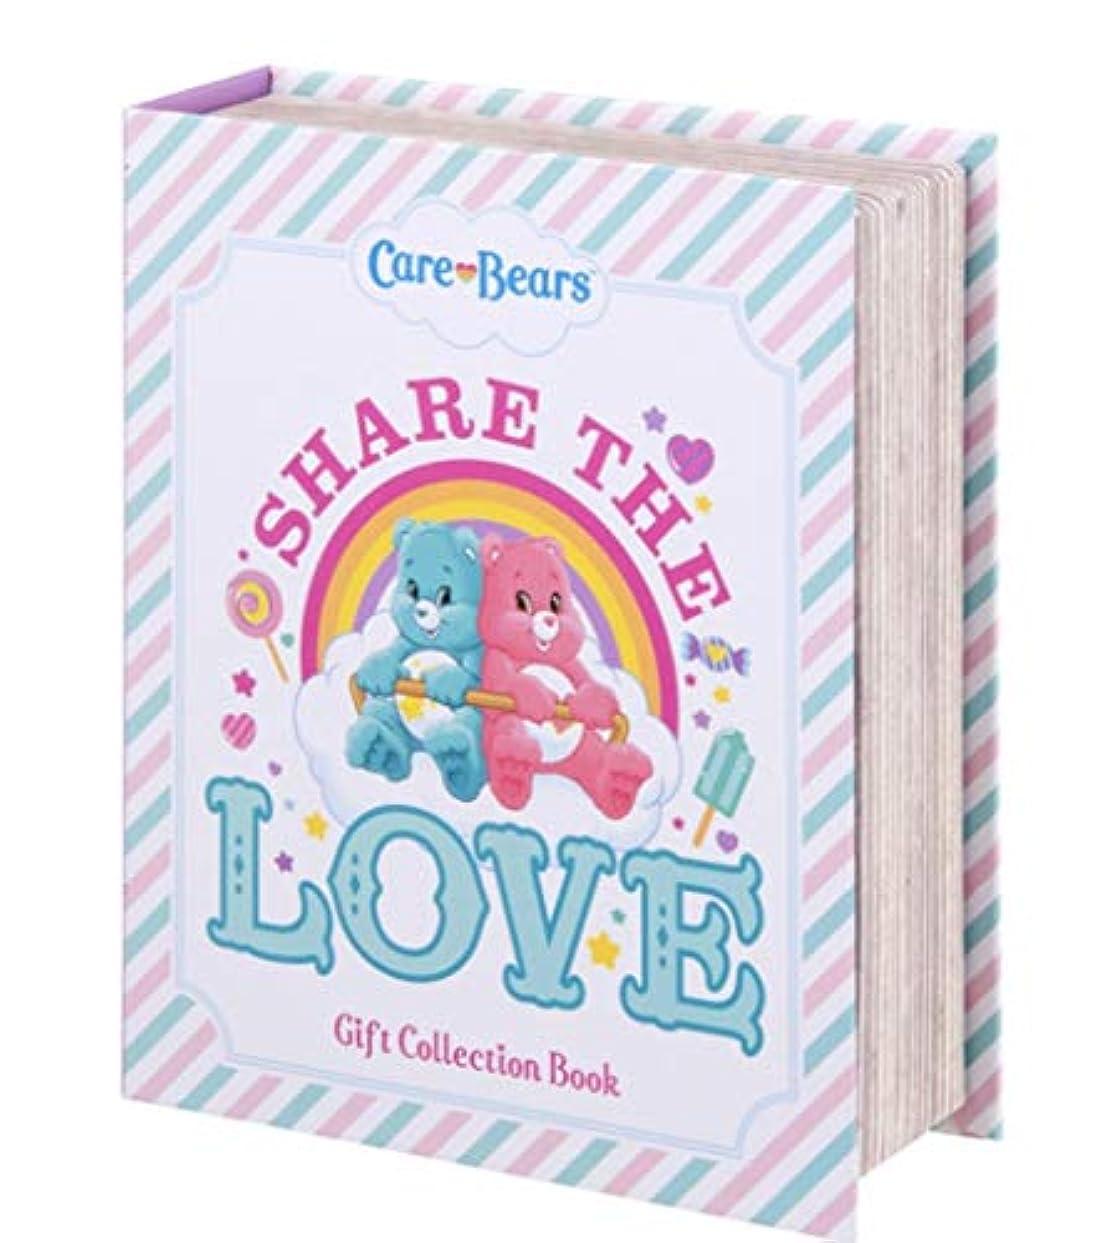 トチの実の木粒それらケアベア Care Bears ボディケア ギフトコレクションブック Gift Collection Book Body Care Coffret